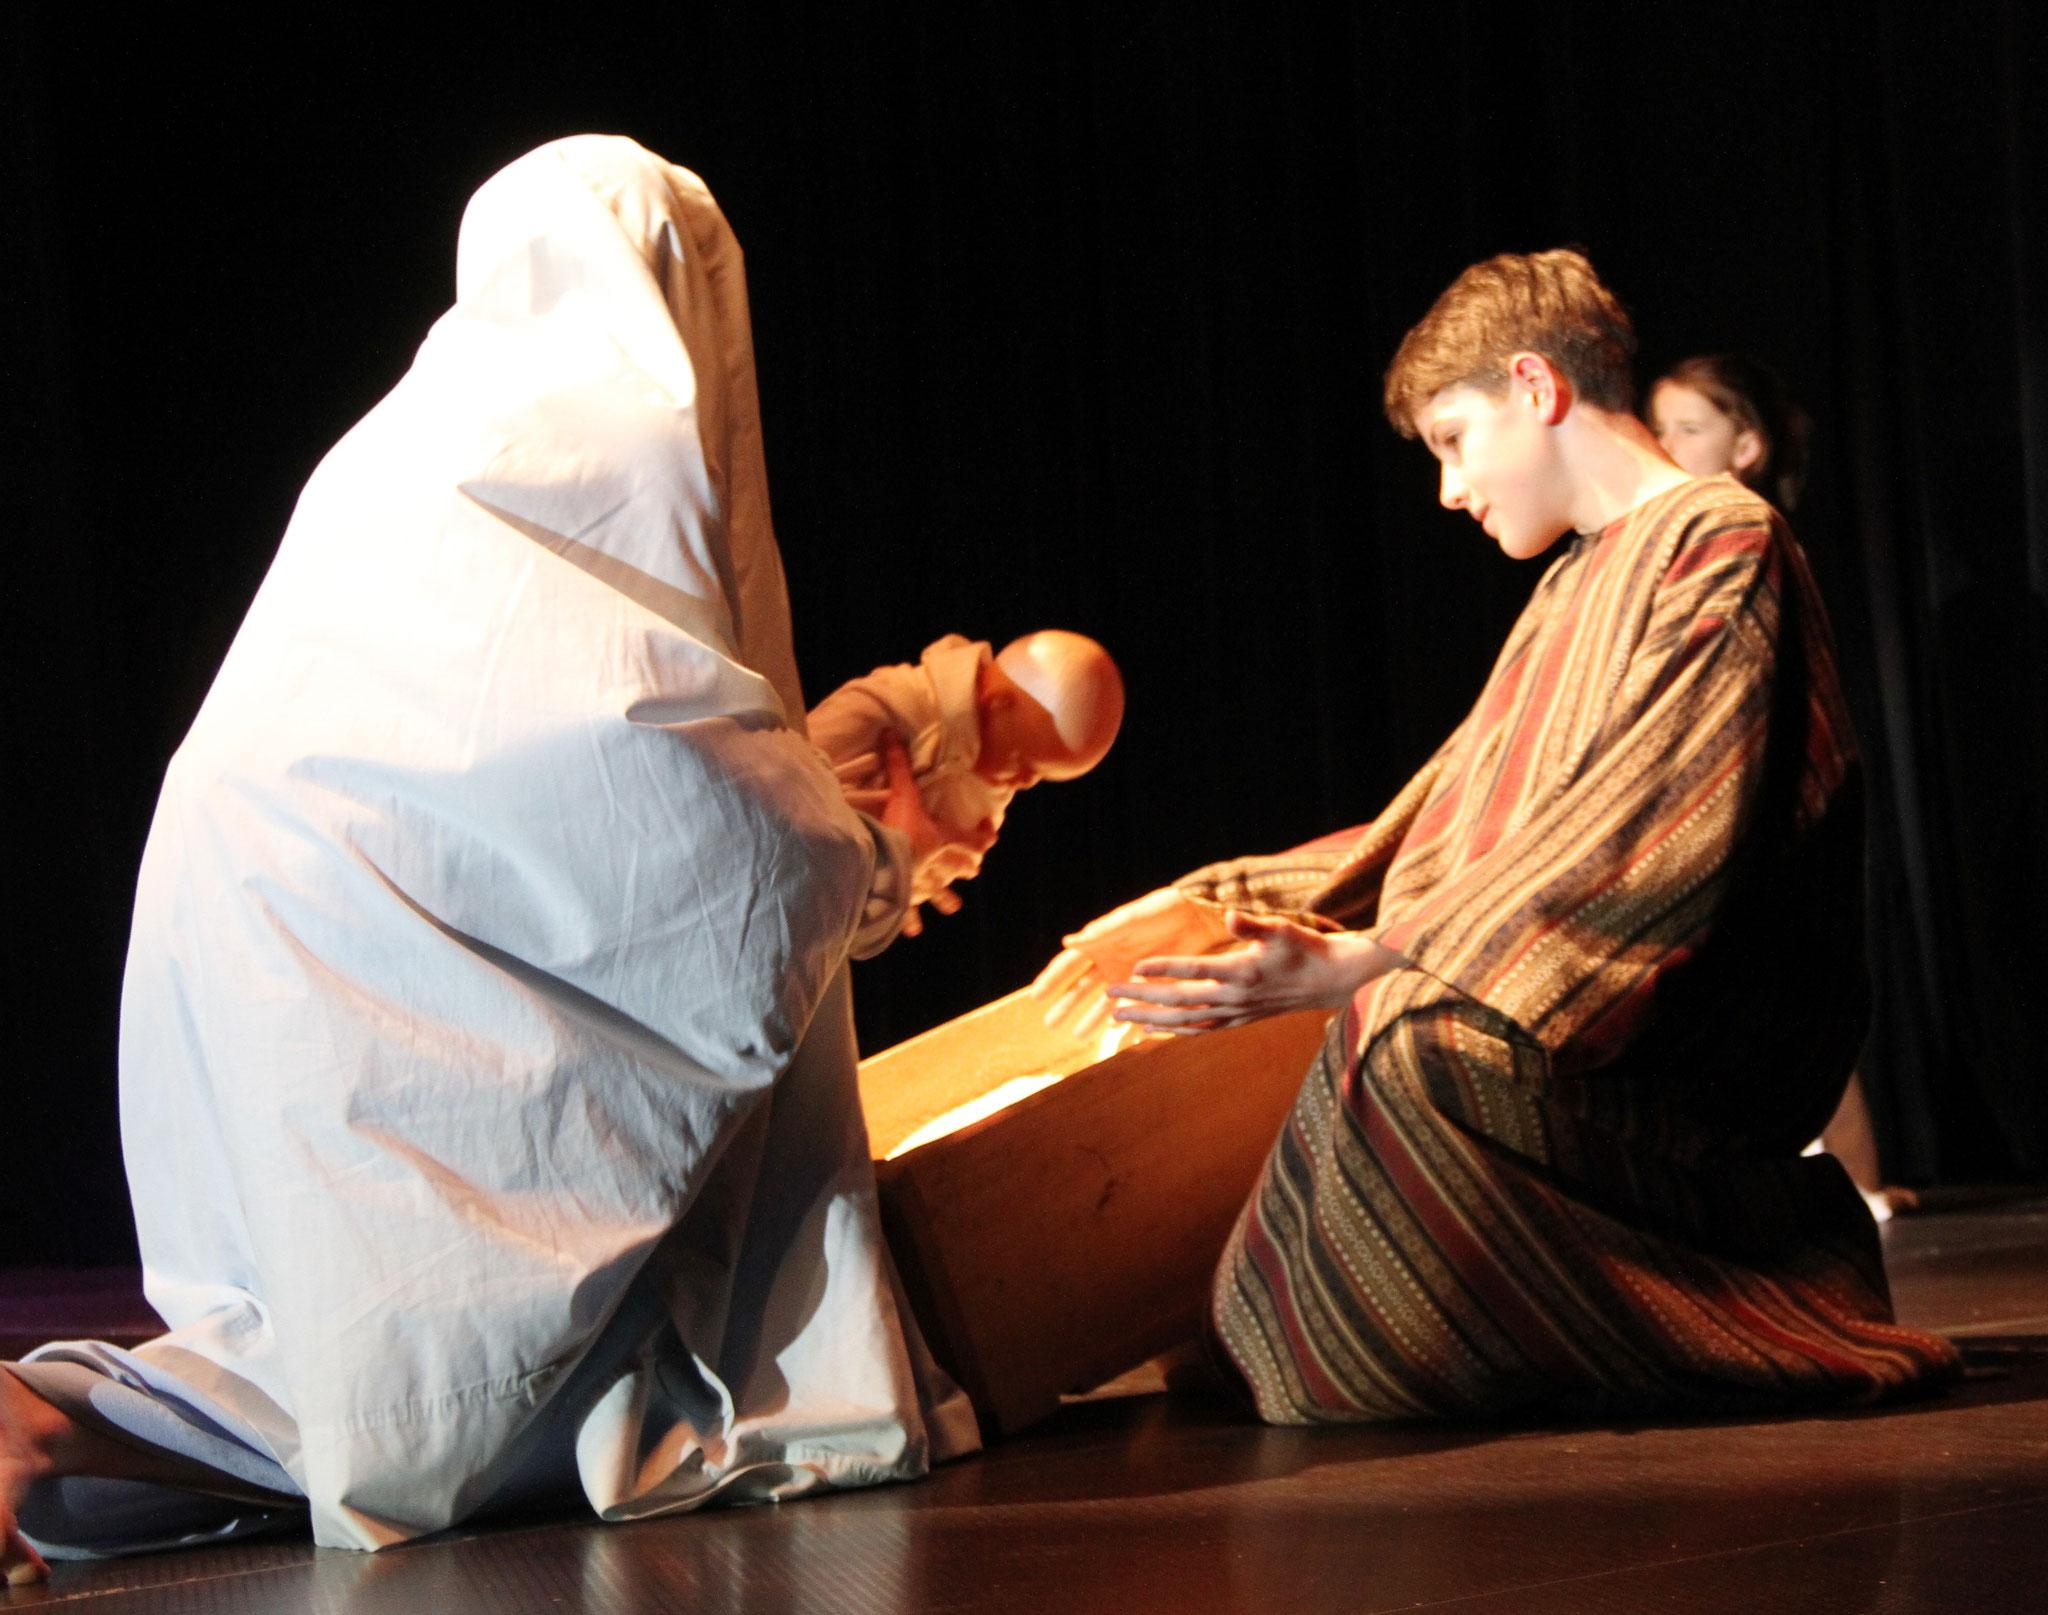 La naissance de Jésus (c) Père Serge